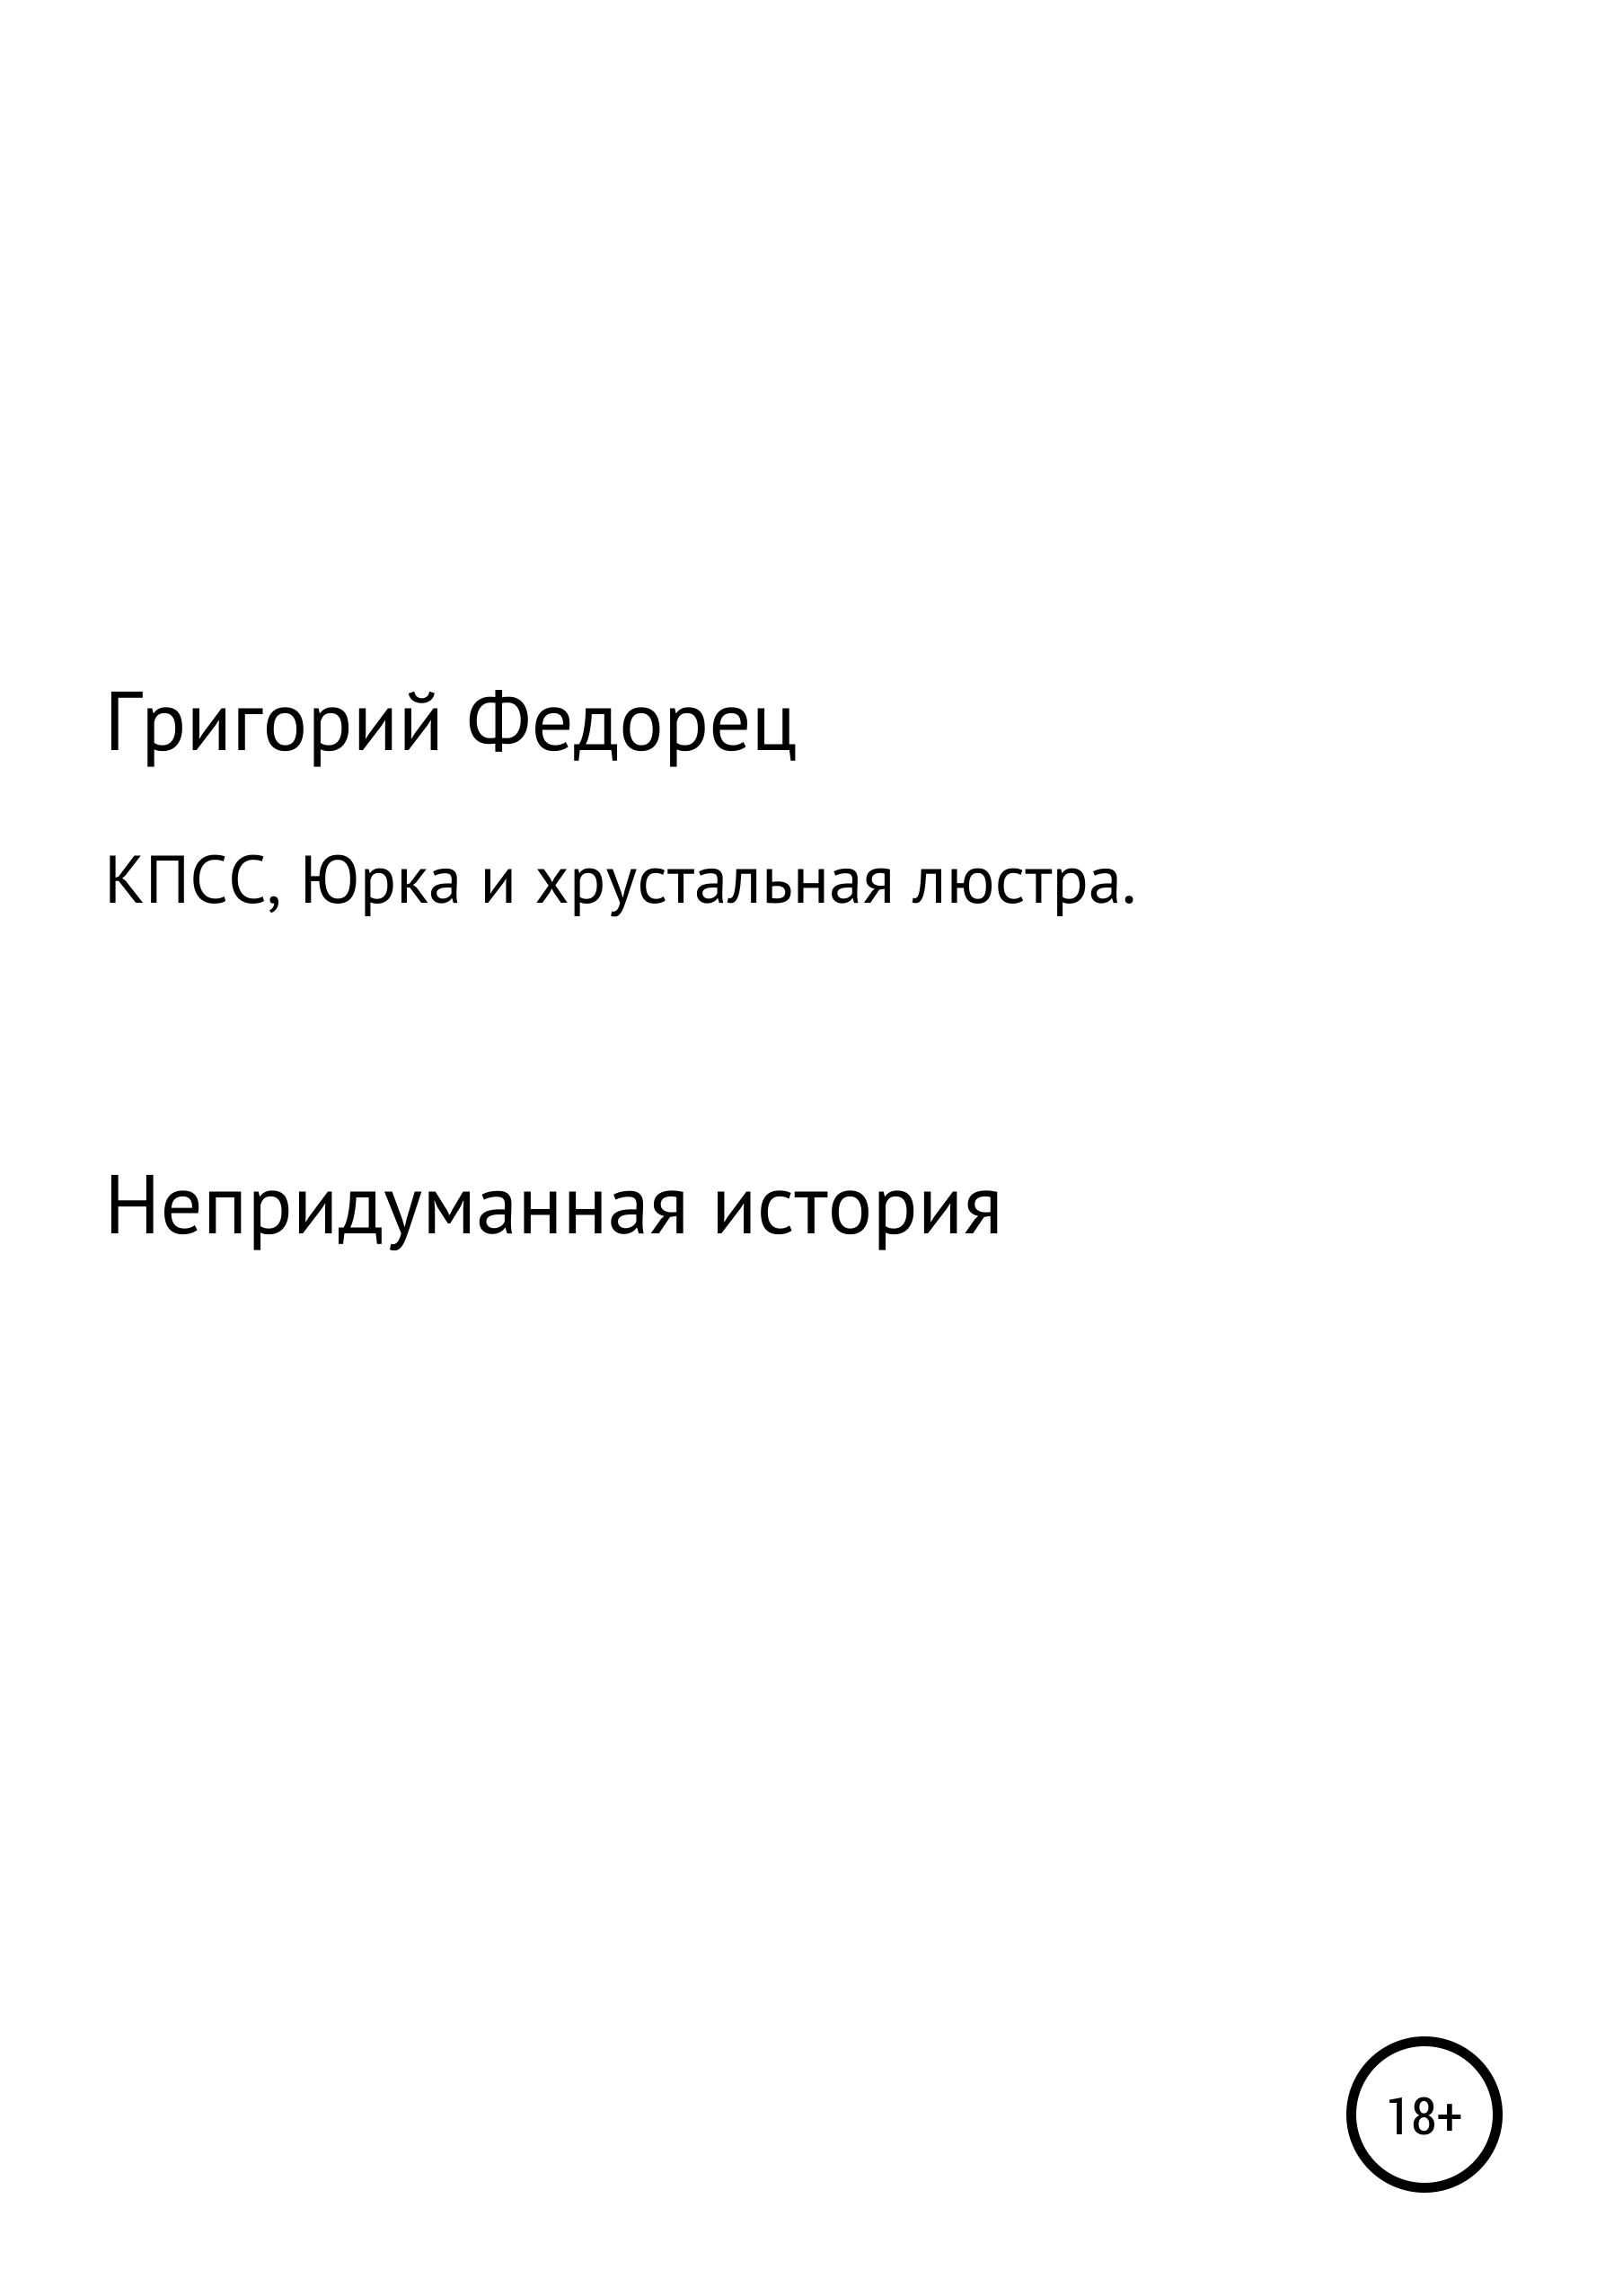 Григорий Григорьевич Федорец КПСС, Юрка и хрустальная люстра люстра на штанге 299 6pf whitepatina idlamp хрустальная люстра